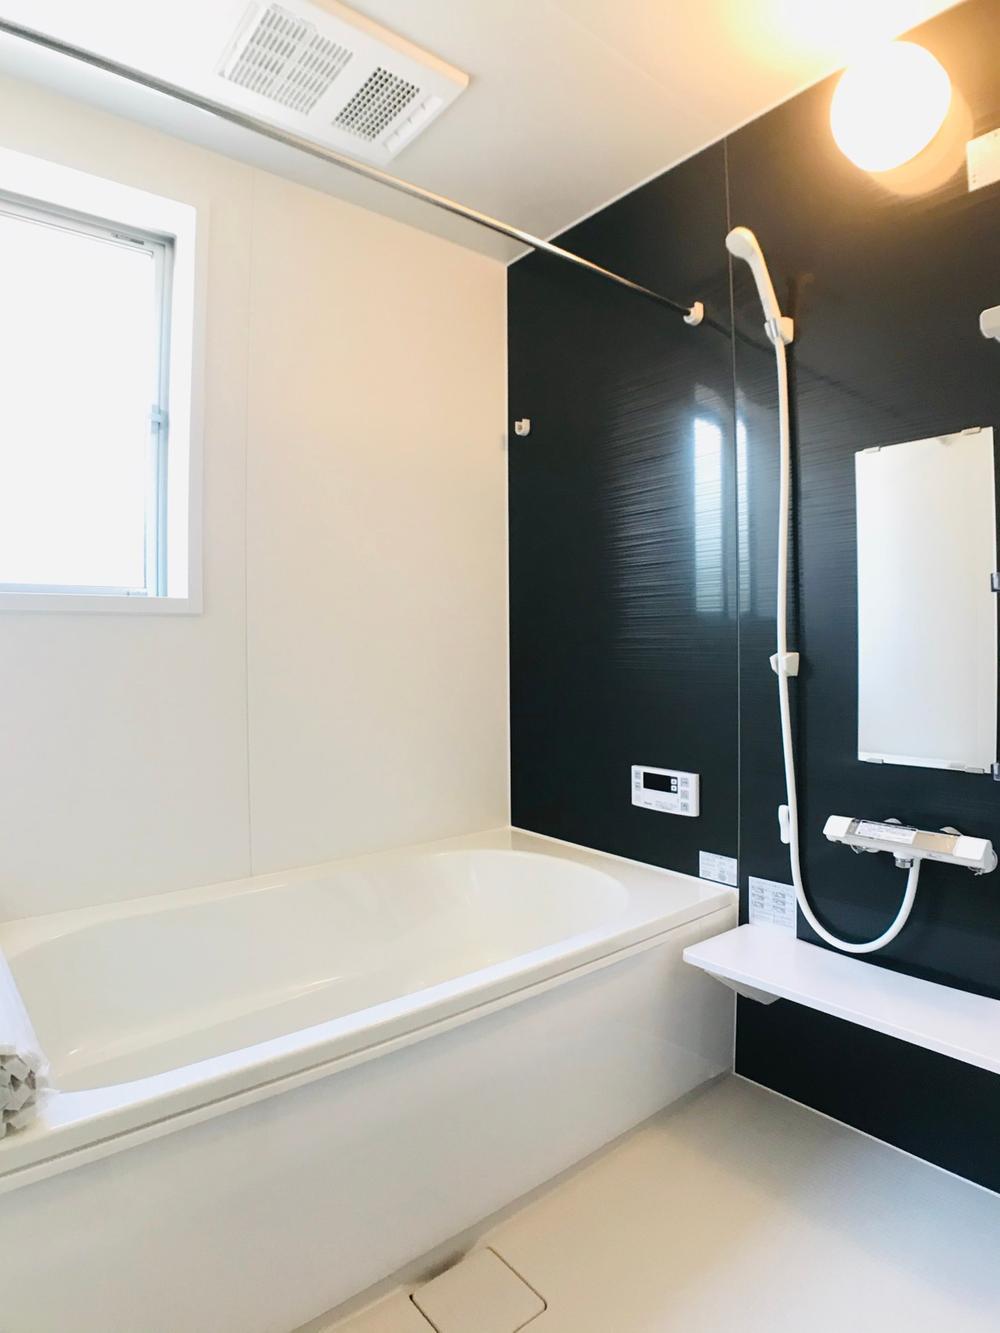 入浴後の水滴や湿気を排出し、カビの発生や臭いを抑制する換気乾燥暖房機。雨の日や夜間の洗濯物にも効果的です。寒くなる季節、暖房をいれてヒートショック予防にも役立ちます。